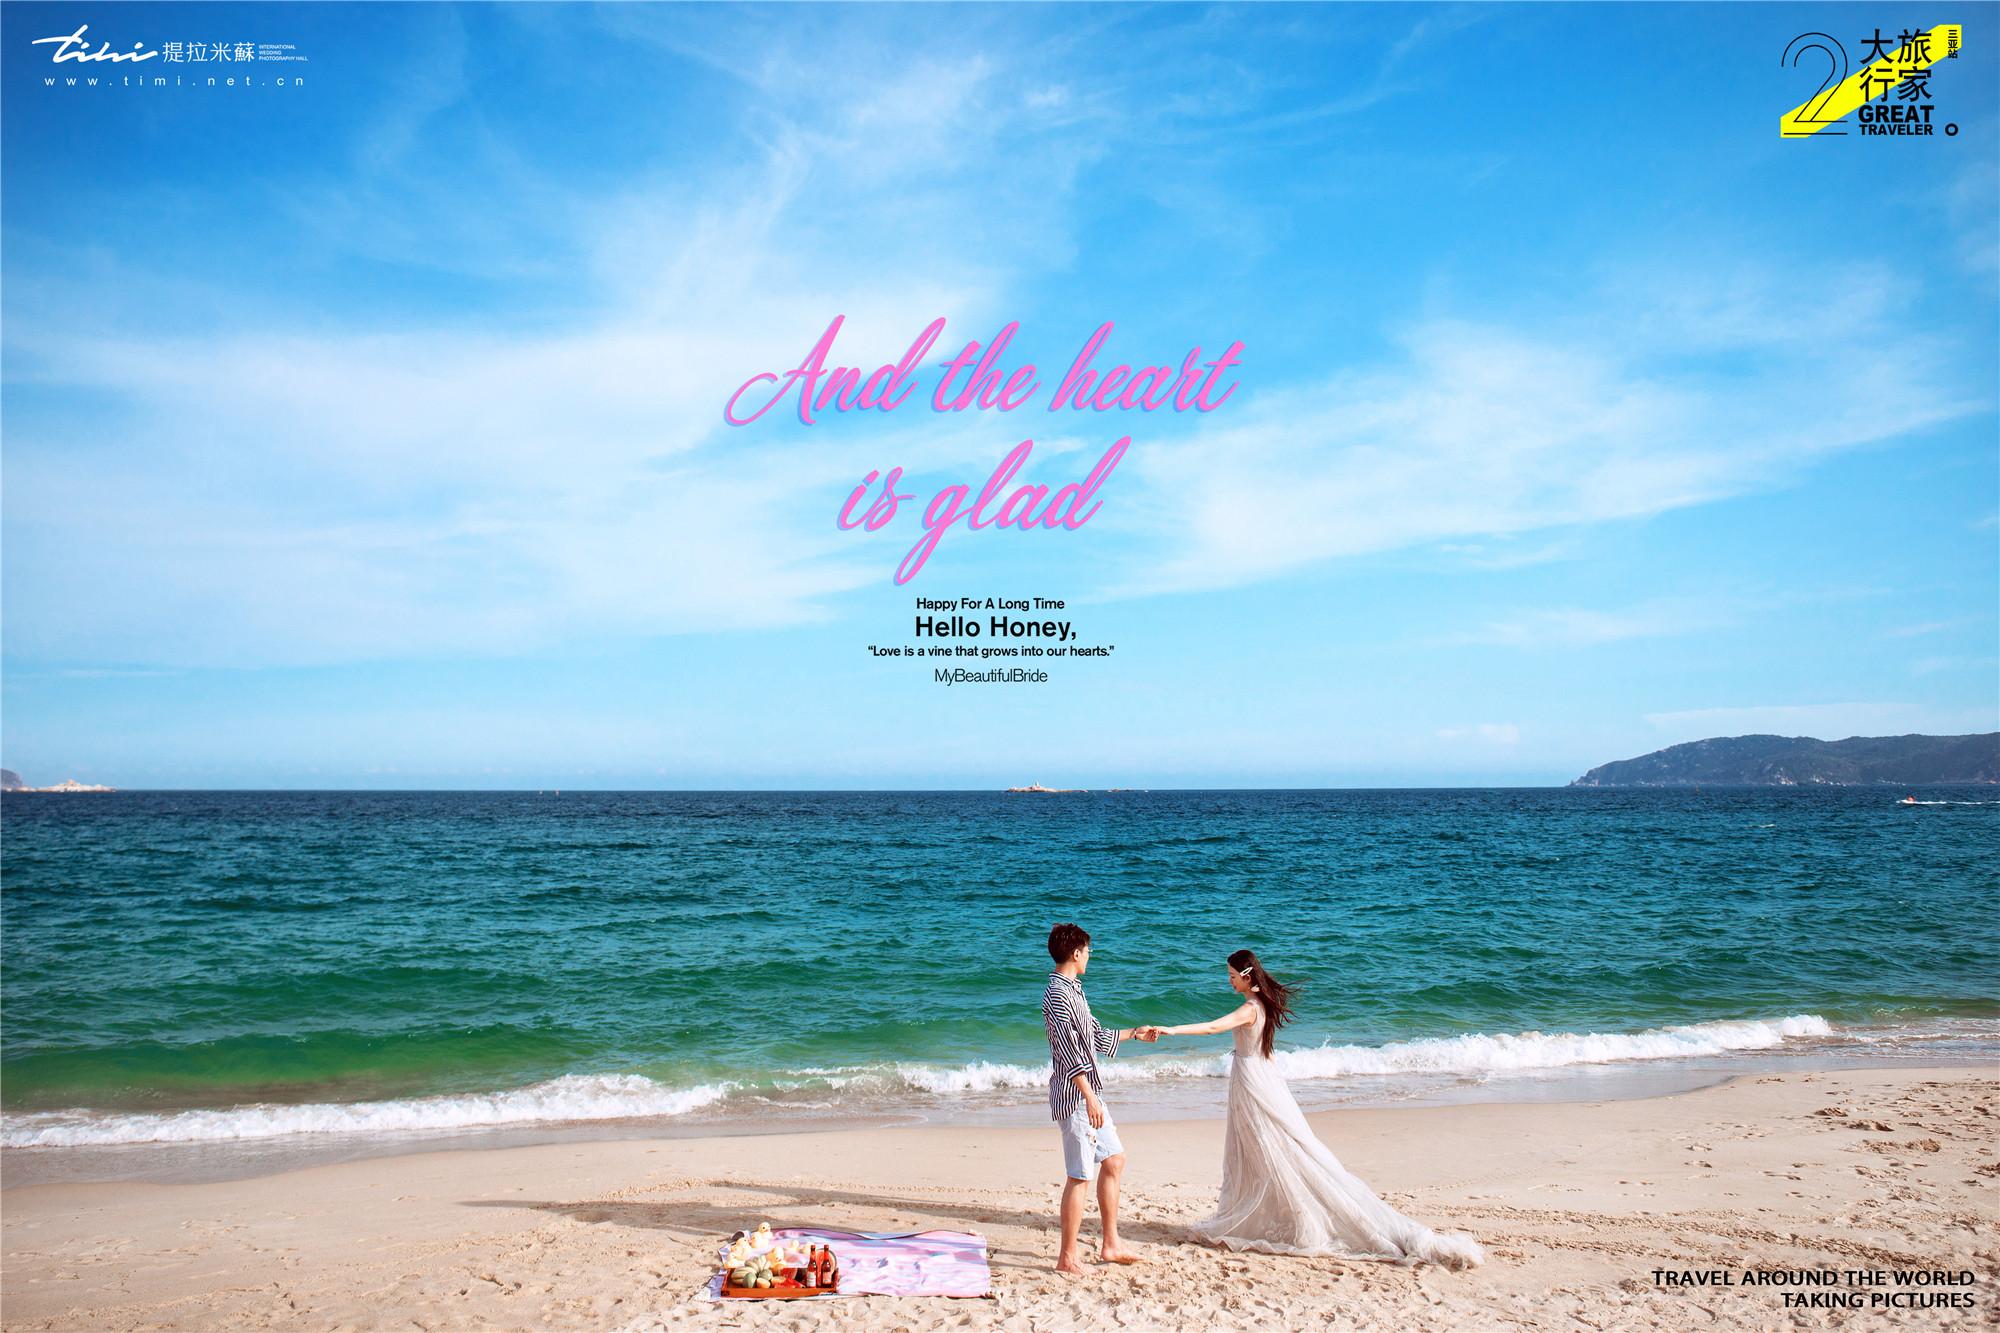 青岛婚纱摄影价格多少钱?有哪些景点?